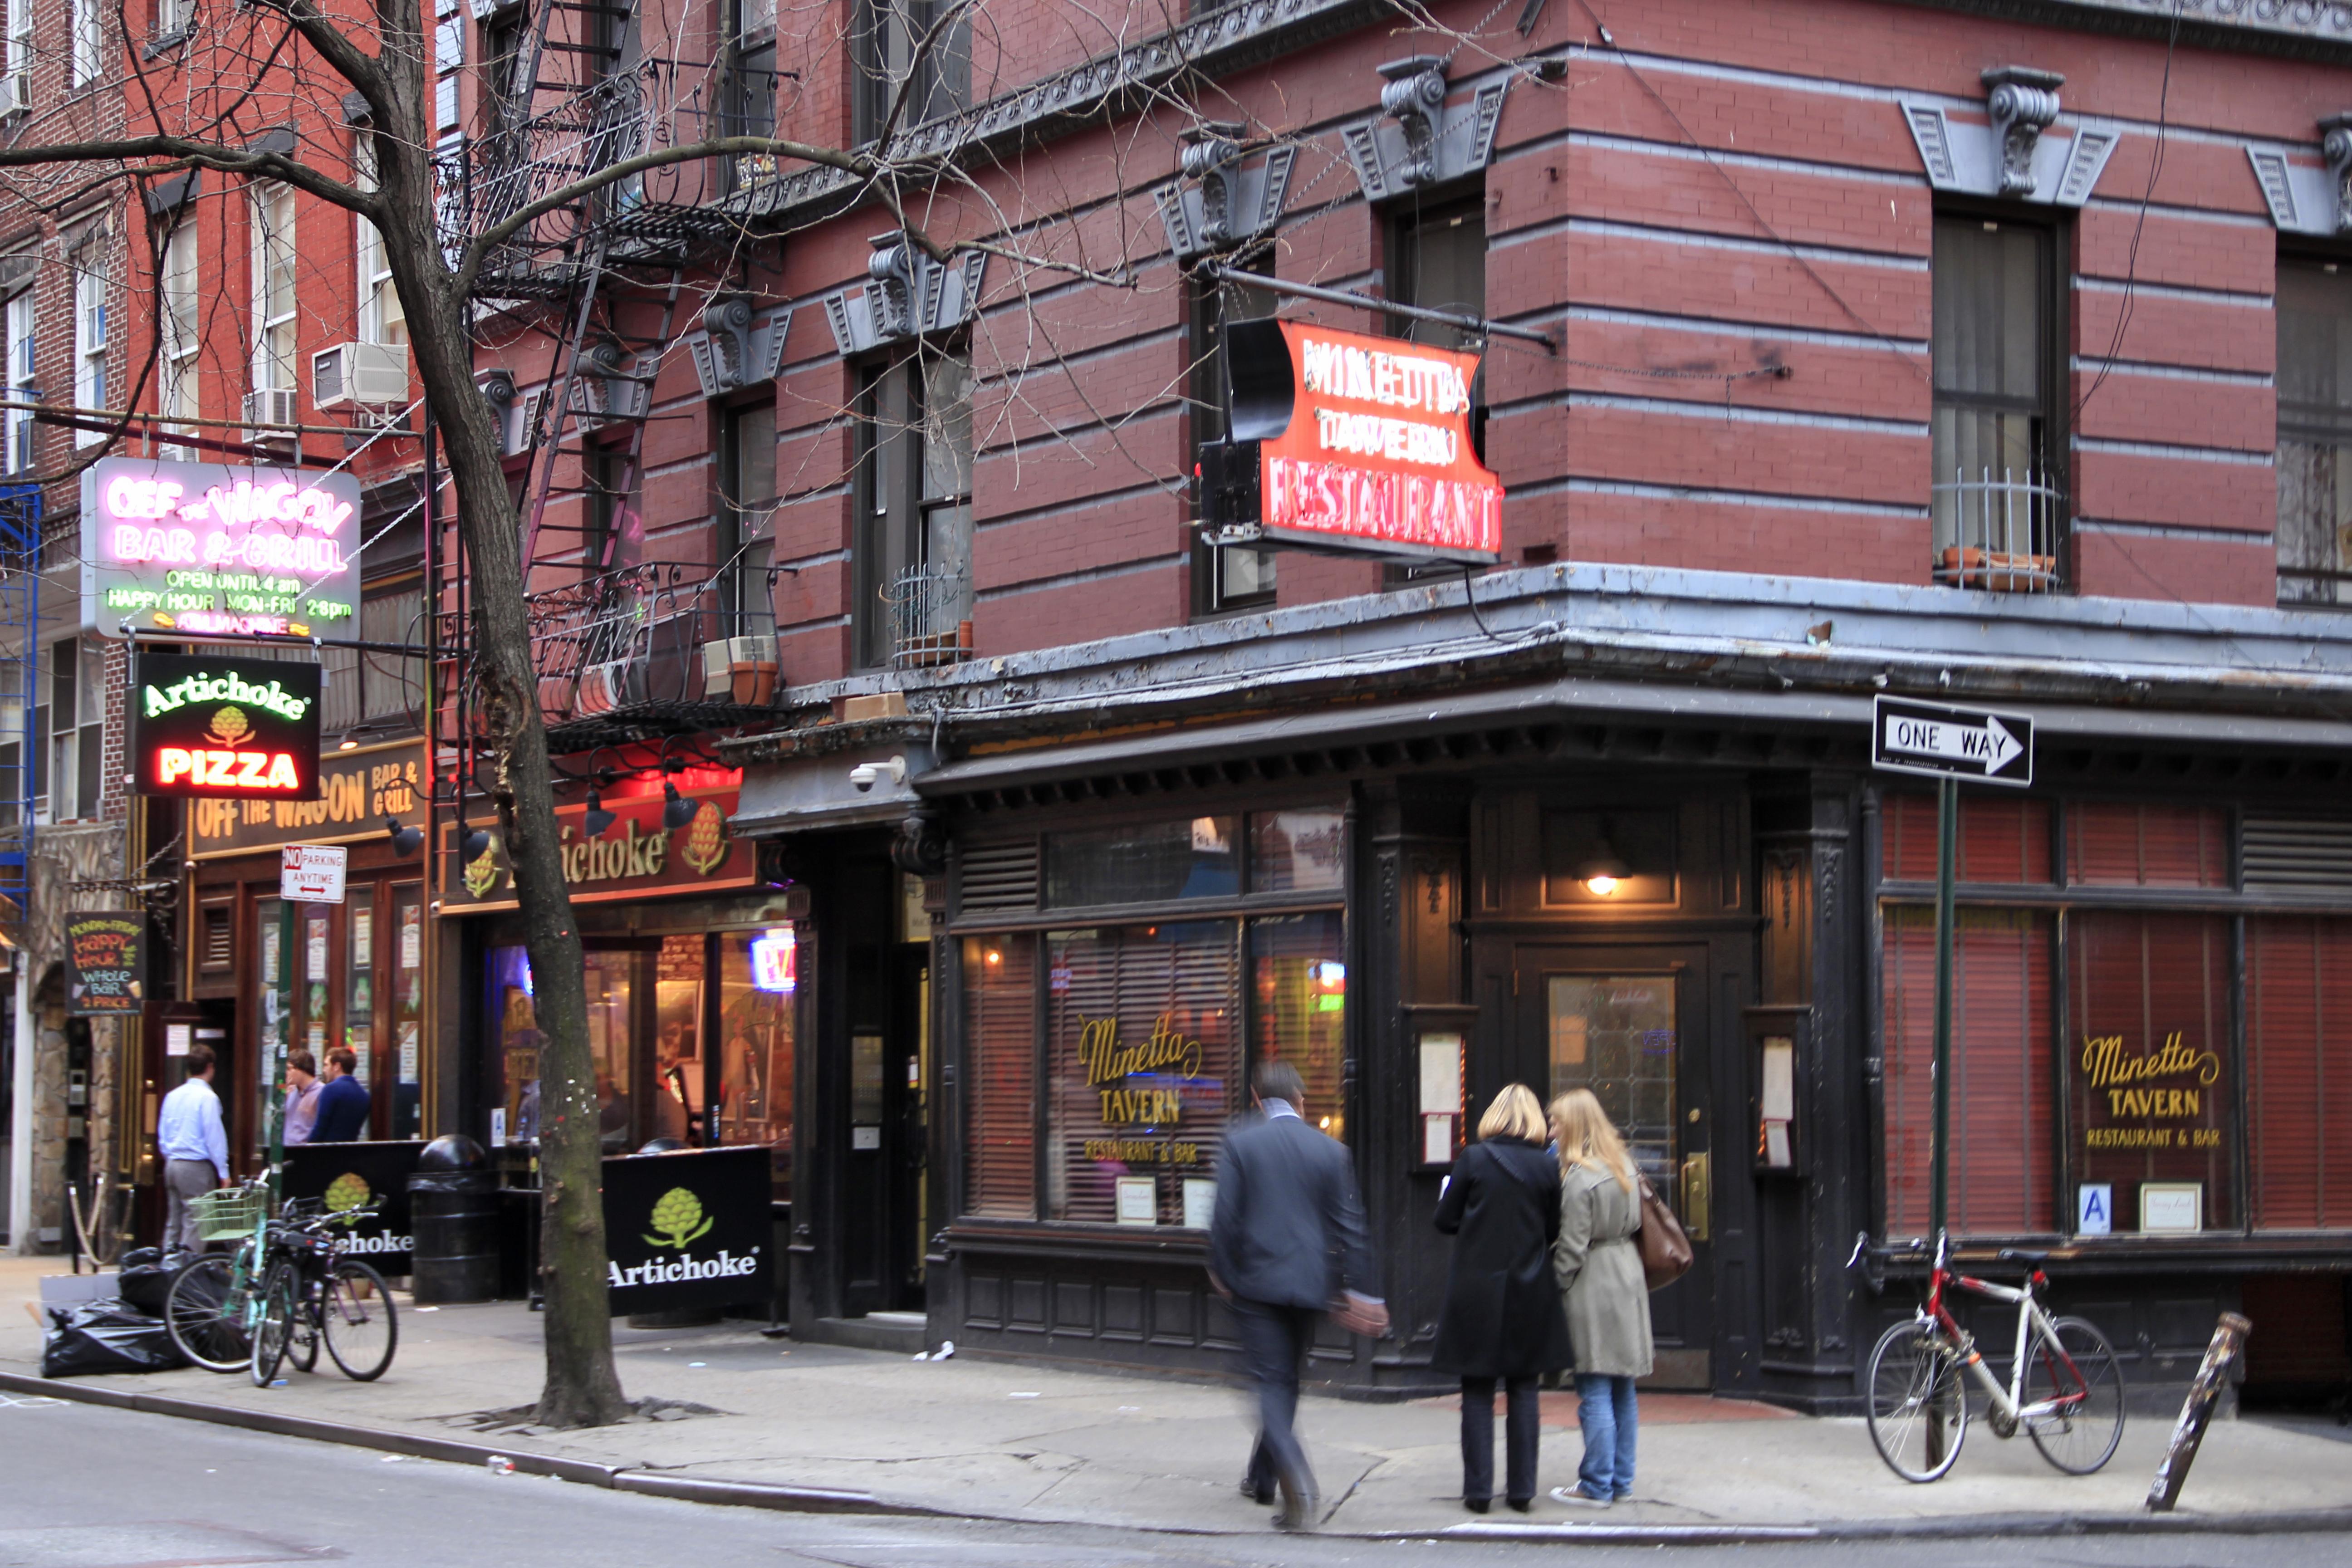 Minetta Tavern Greenwich Village Retracing Jack Kerouac